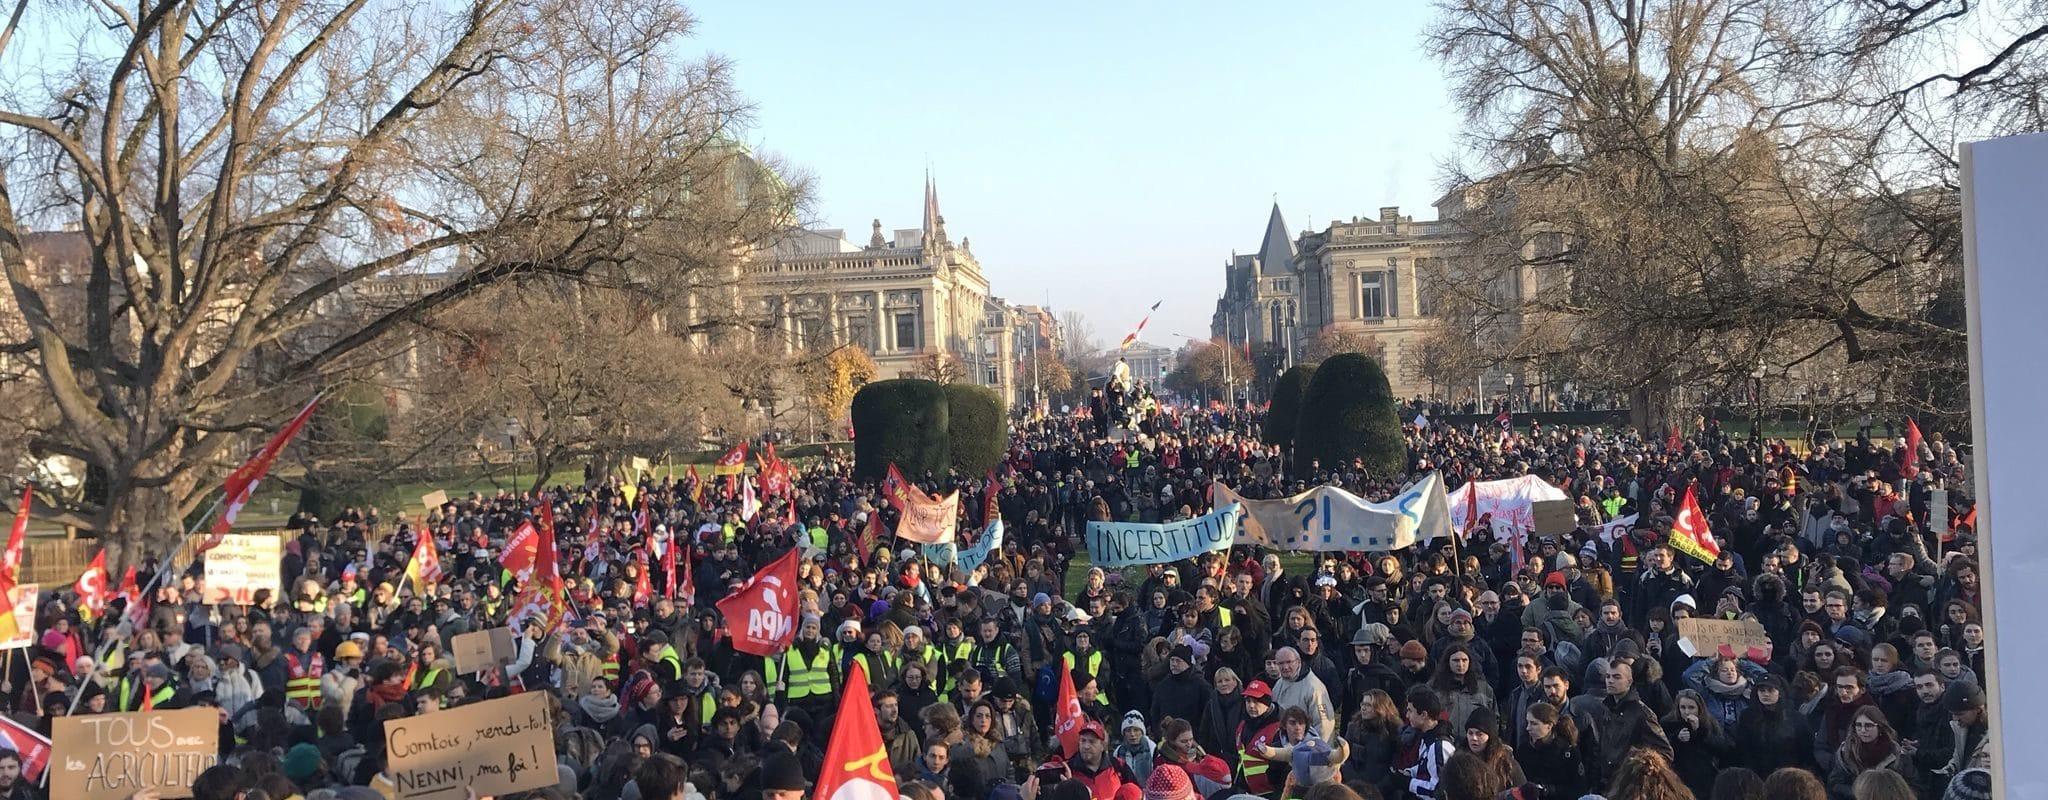 Environ 10000 personnes défilent contre la réforme des retraites